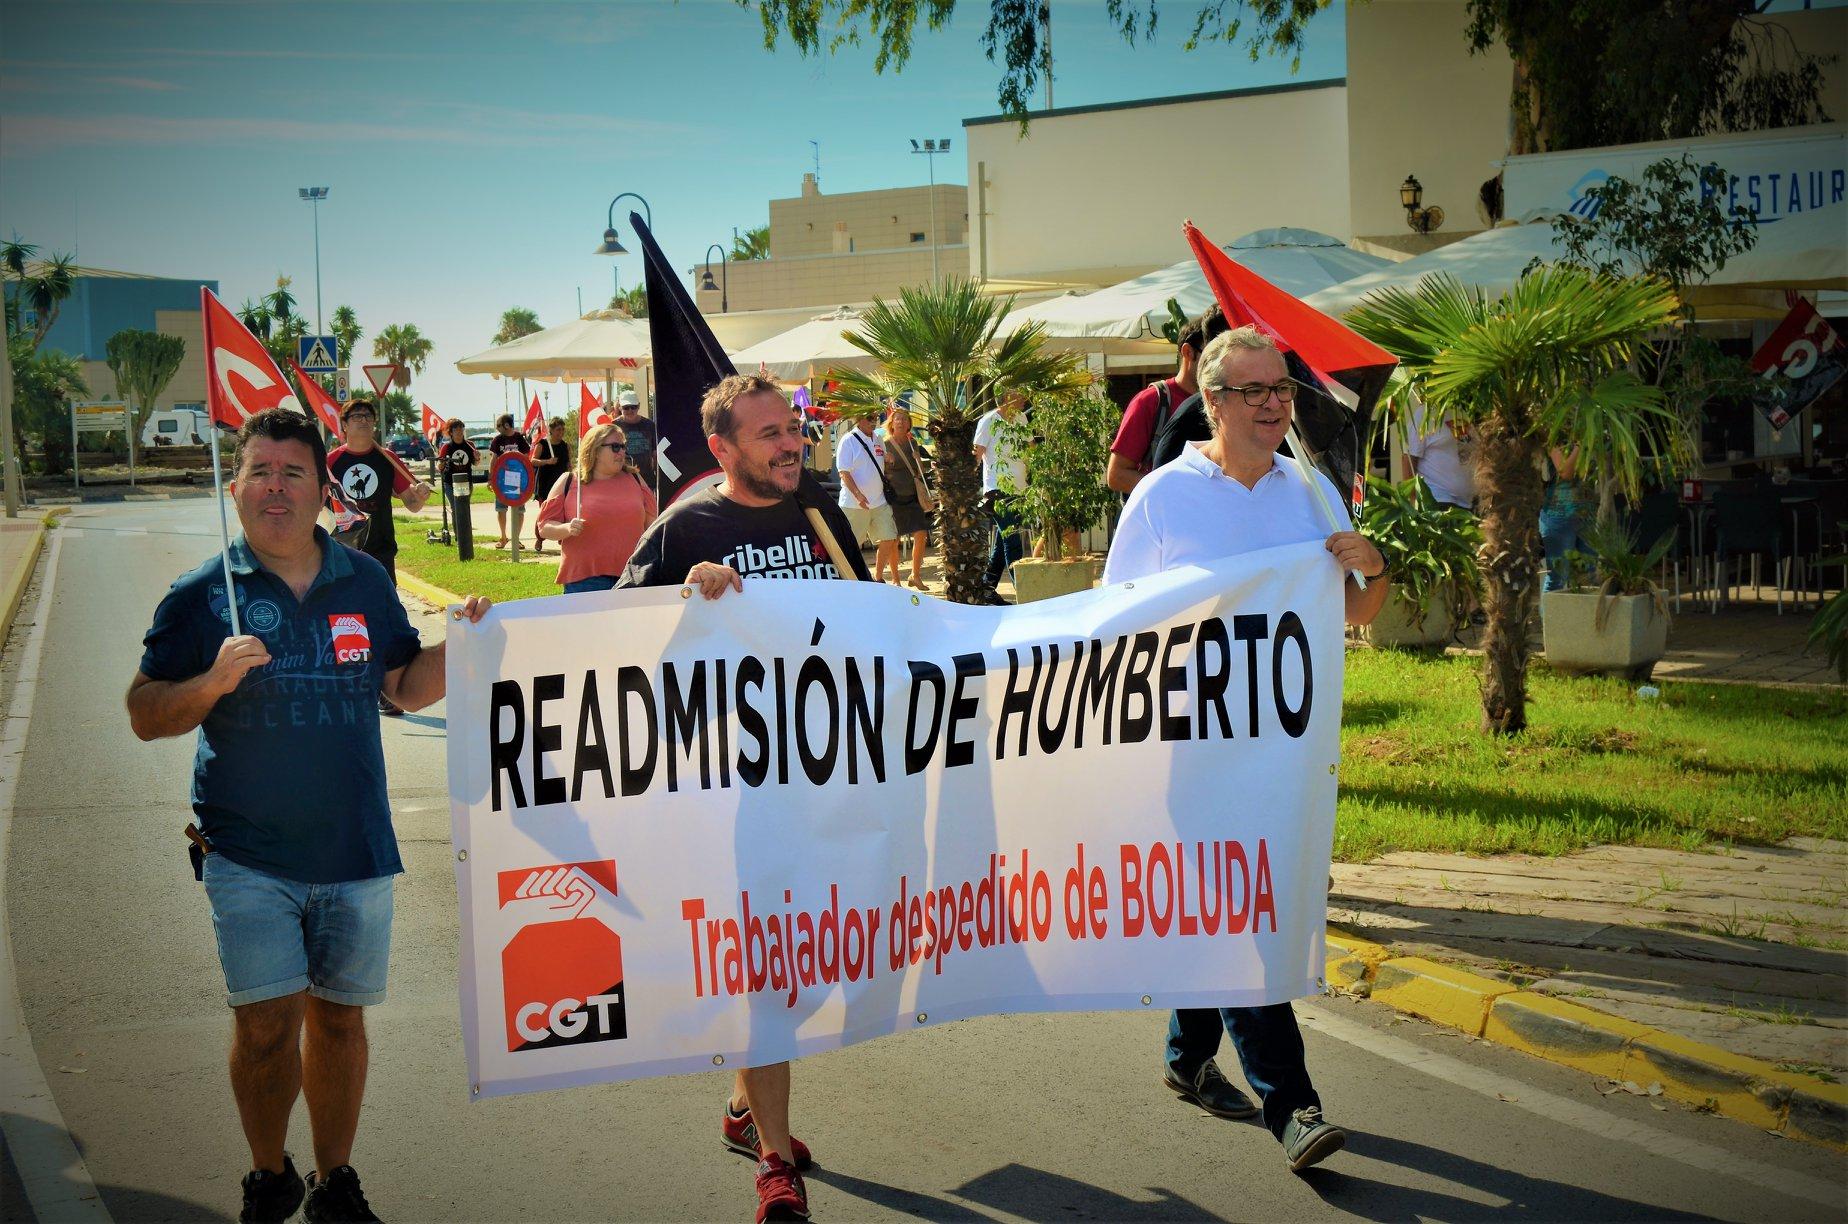 Readmisión Humberto (Castellón)